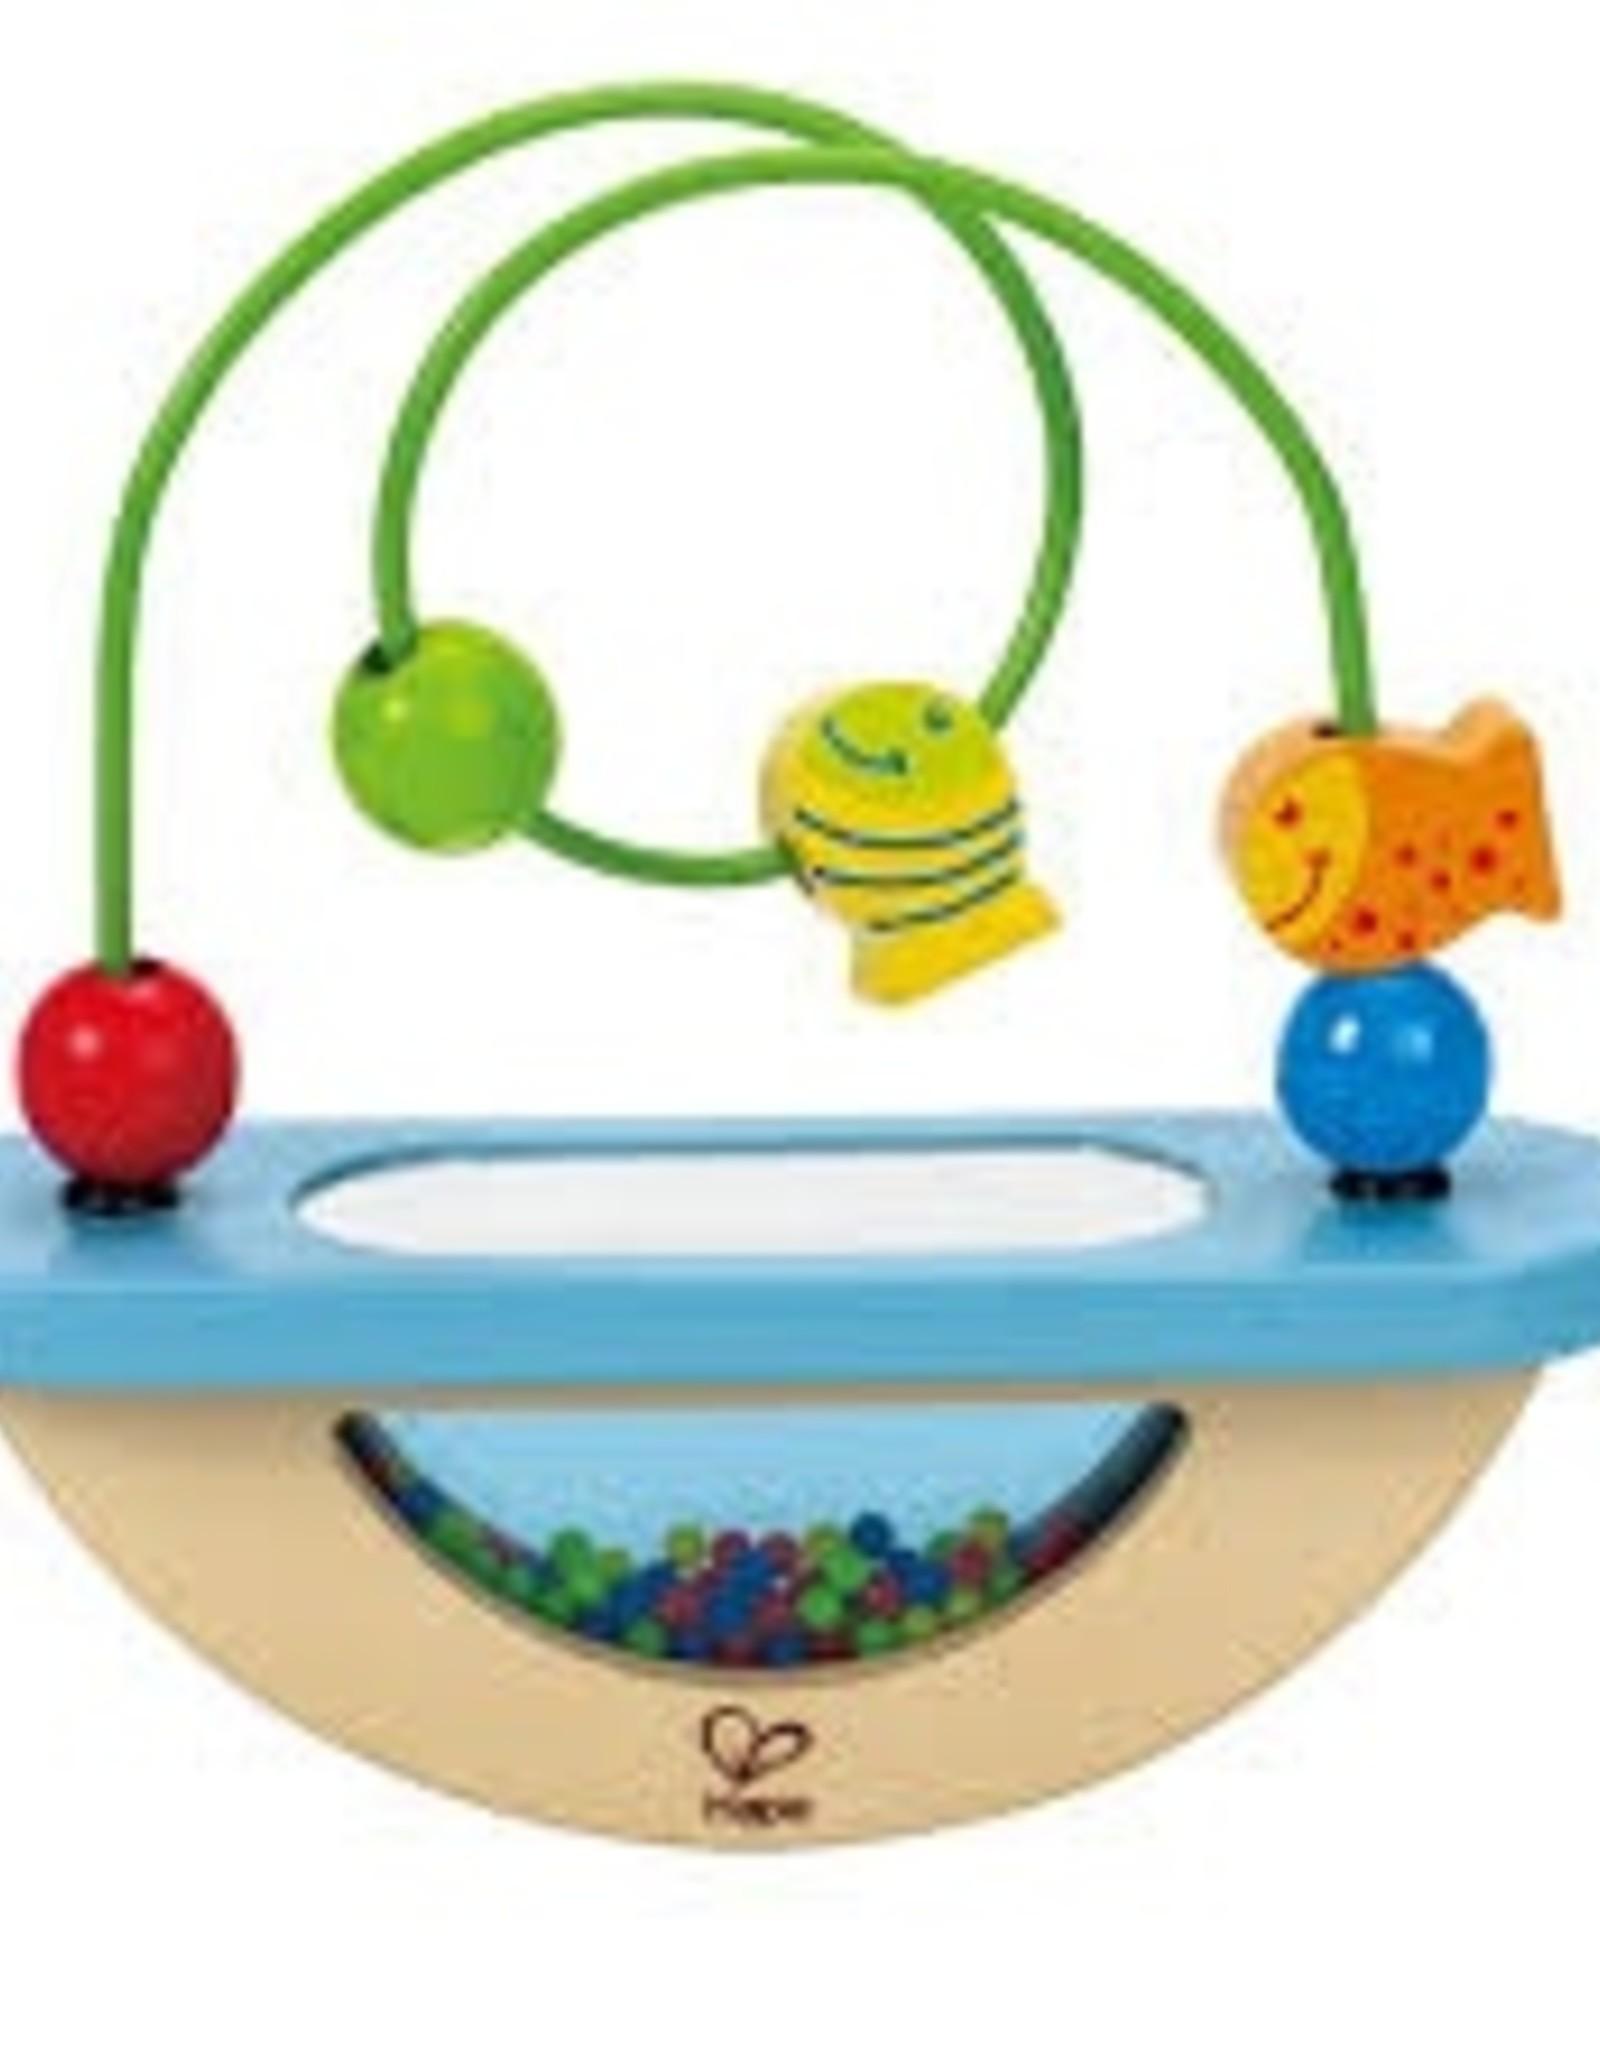 Hape Fish Bowl Fun